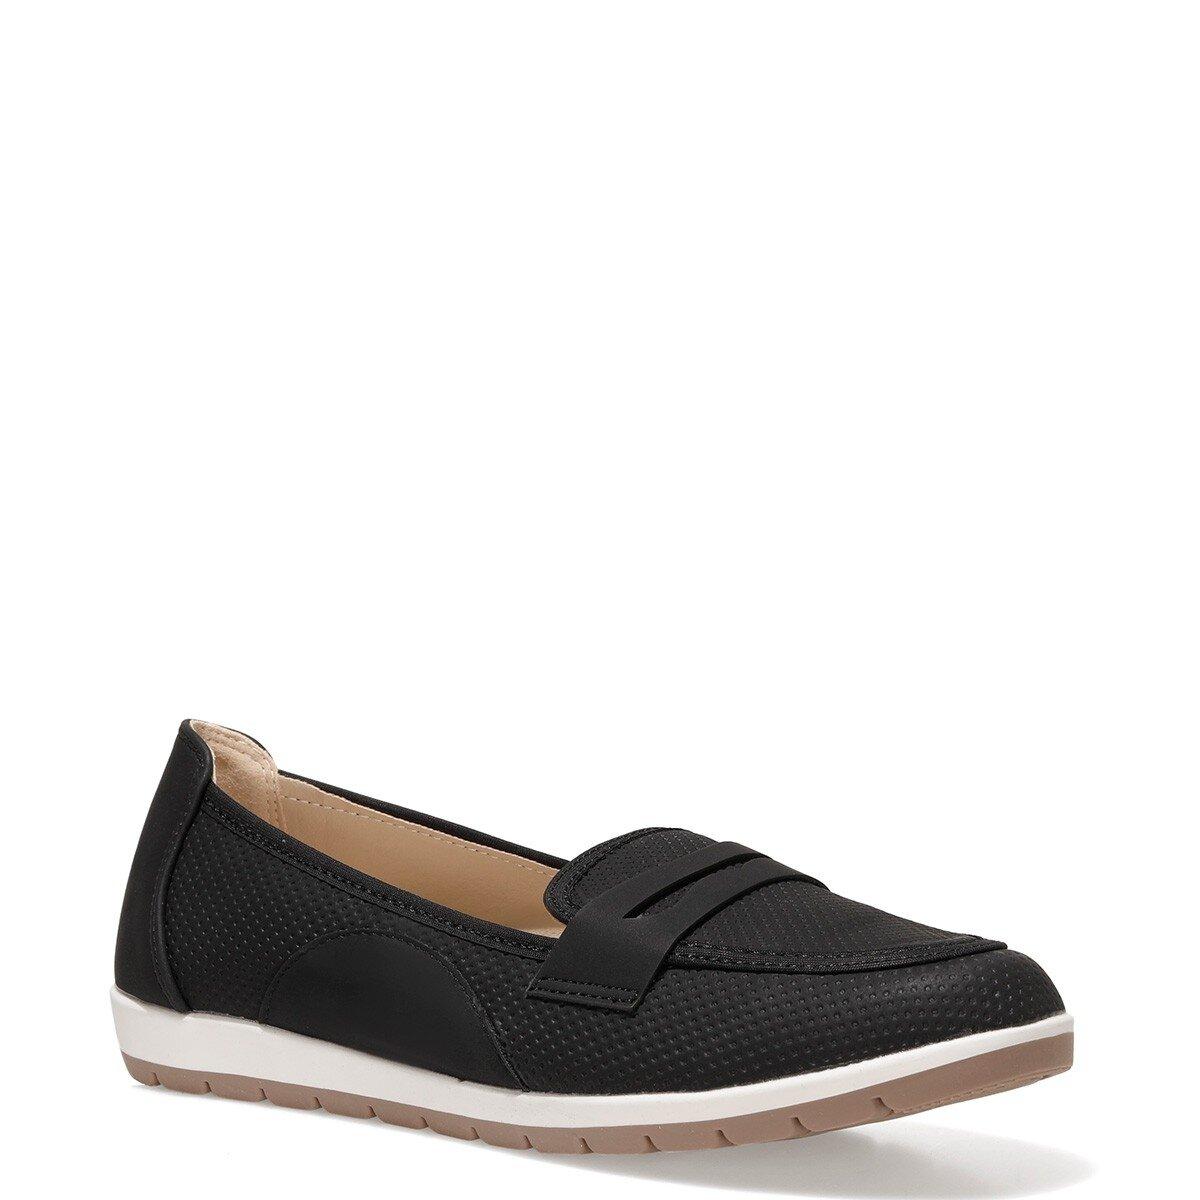 TAMMY 1FX Siyah Kadın Loafer Ayakkabı